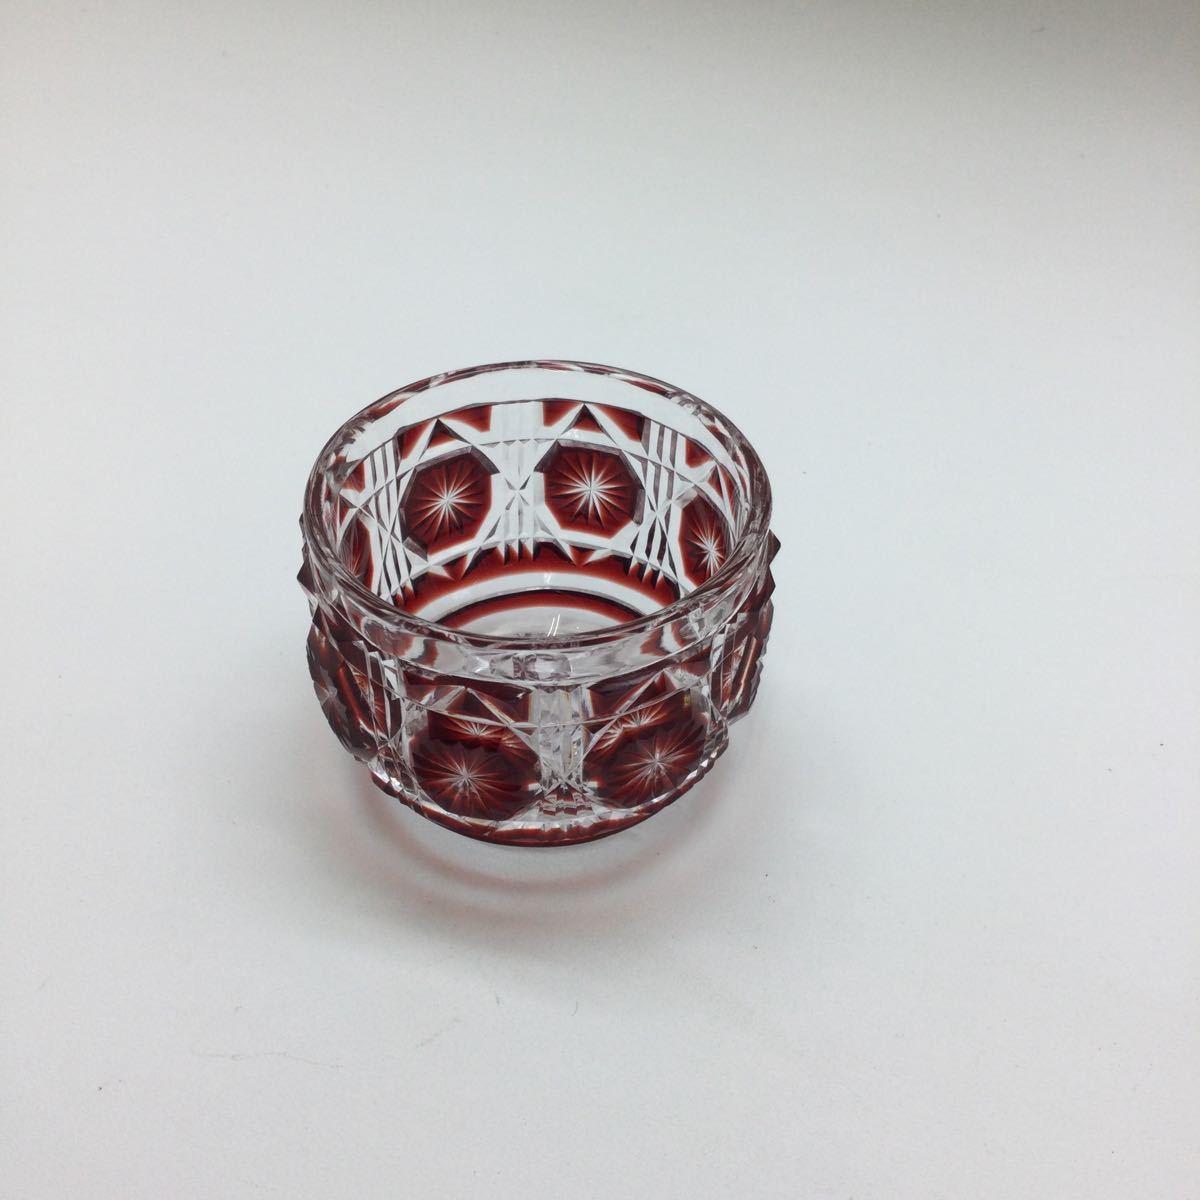 【美品!!】SHIMADZU 島津 薩摩 切子 ぐい呑 グラス カットグラス クリスタルグラス 工芸 SHIMAZU 霧子 桐子 赤 レッド 小鉢 冷酒グラスを買取りさせて頂きました。の買取-